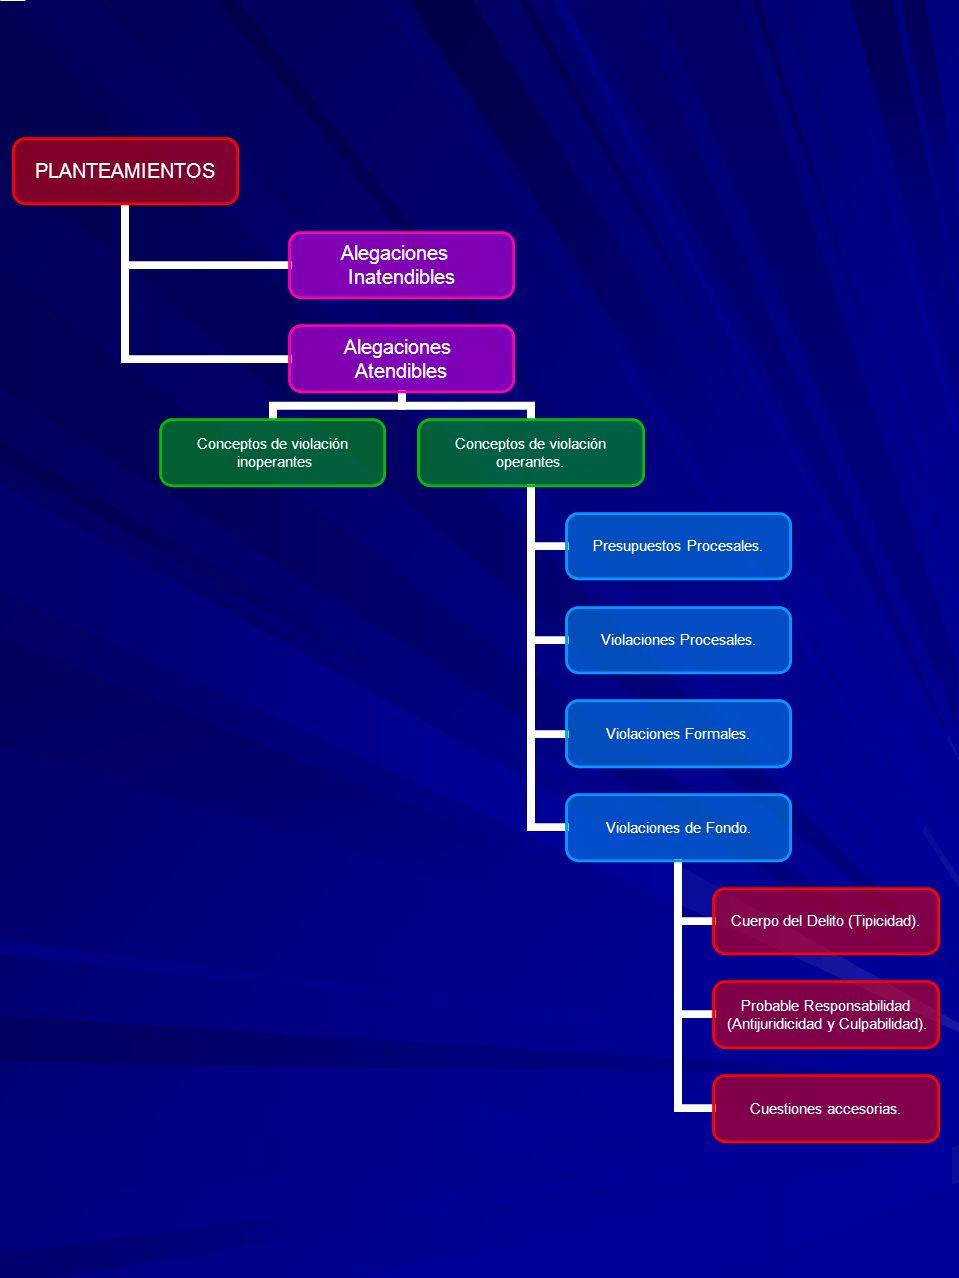 PLANTEAMIENTOS Alegaciones Inatendibles Alegaciones Atendibles Conceptos de violación inoperantes Conceptos de violación operantes. Presupuestos Proce